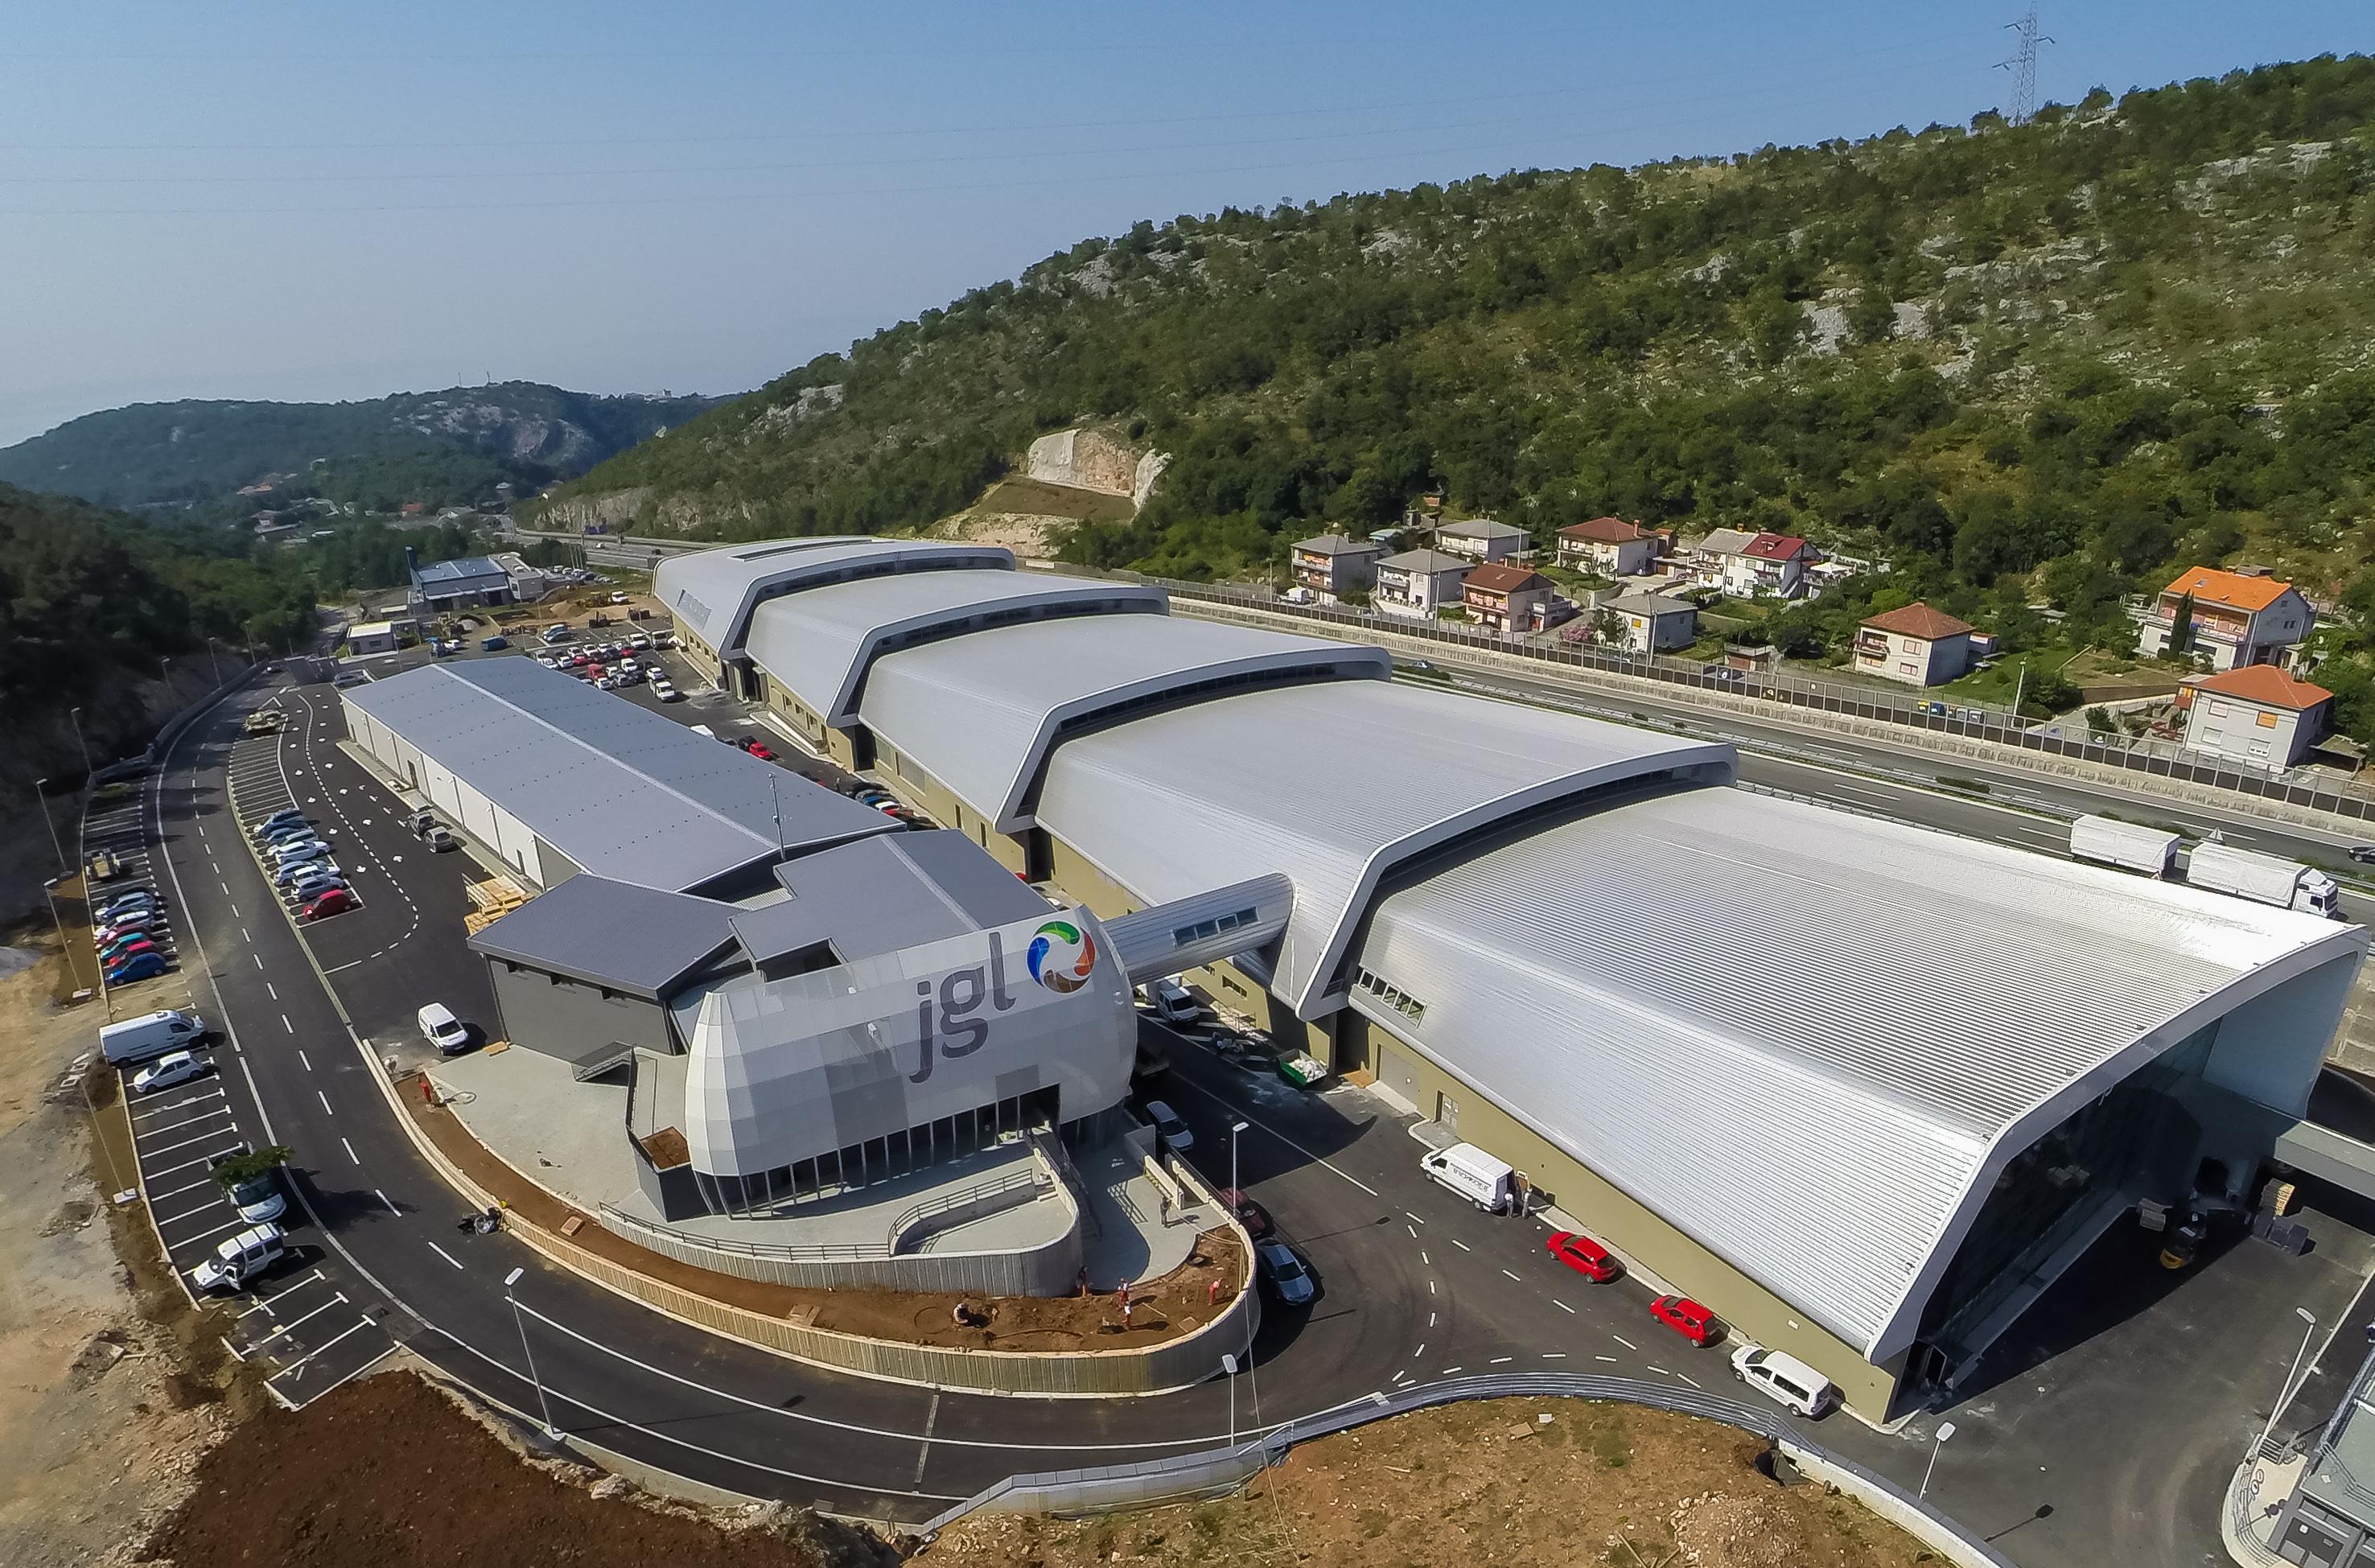 Jadran-galenski laboratorij (JGL) Pharma Valley u Svilnom